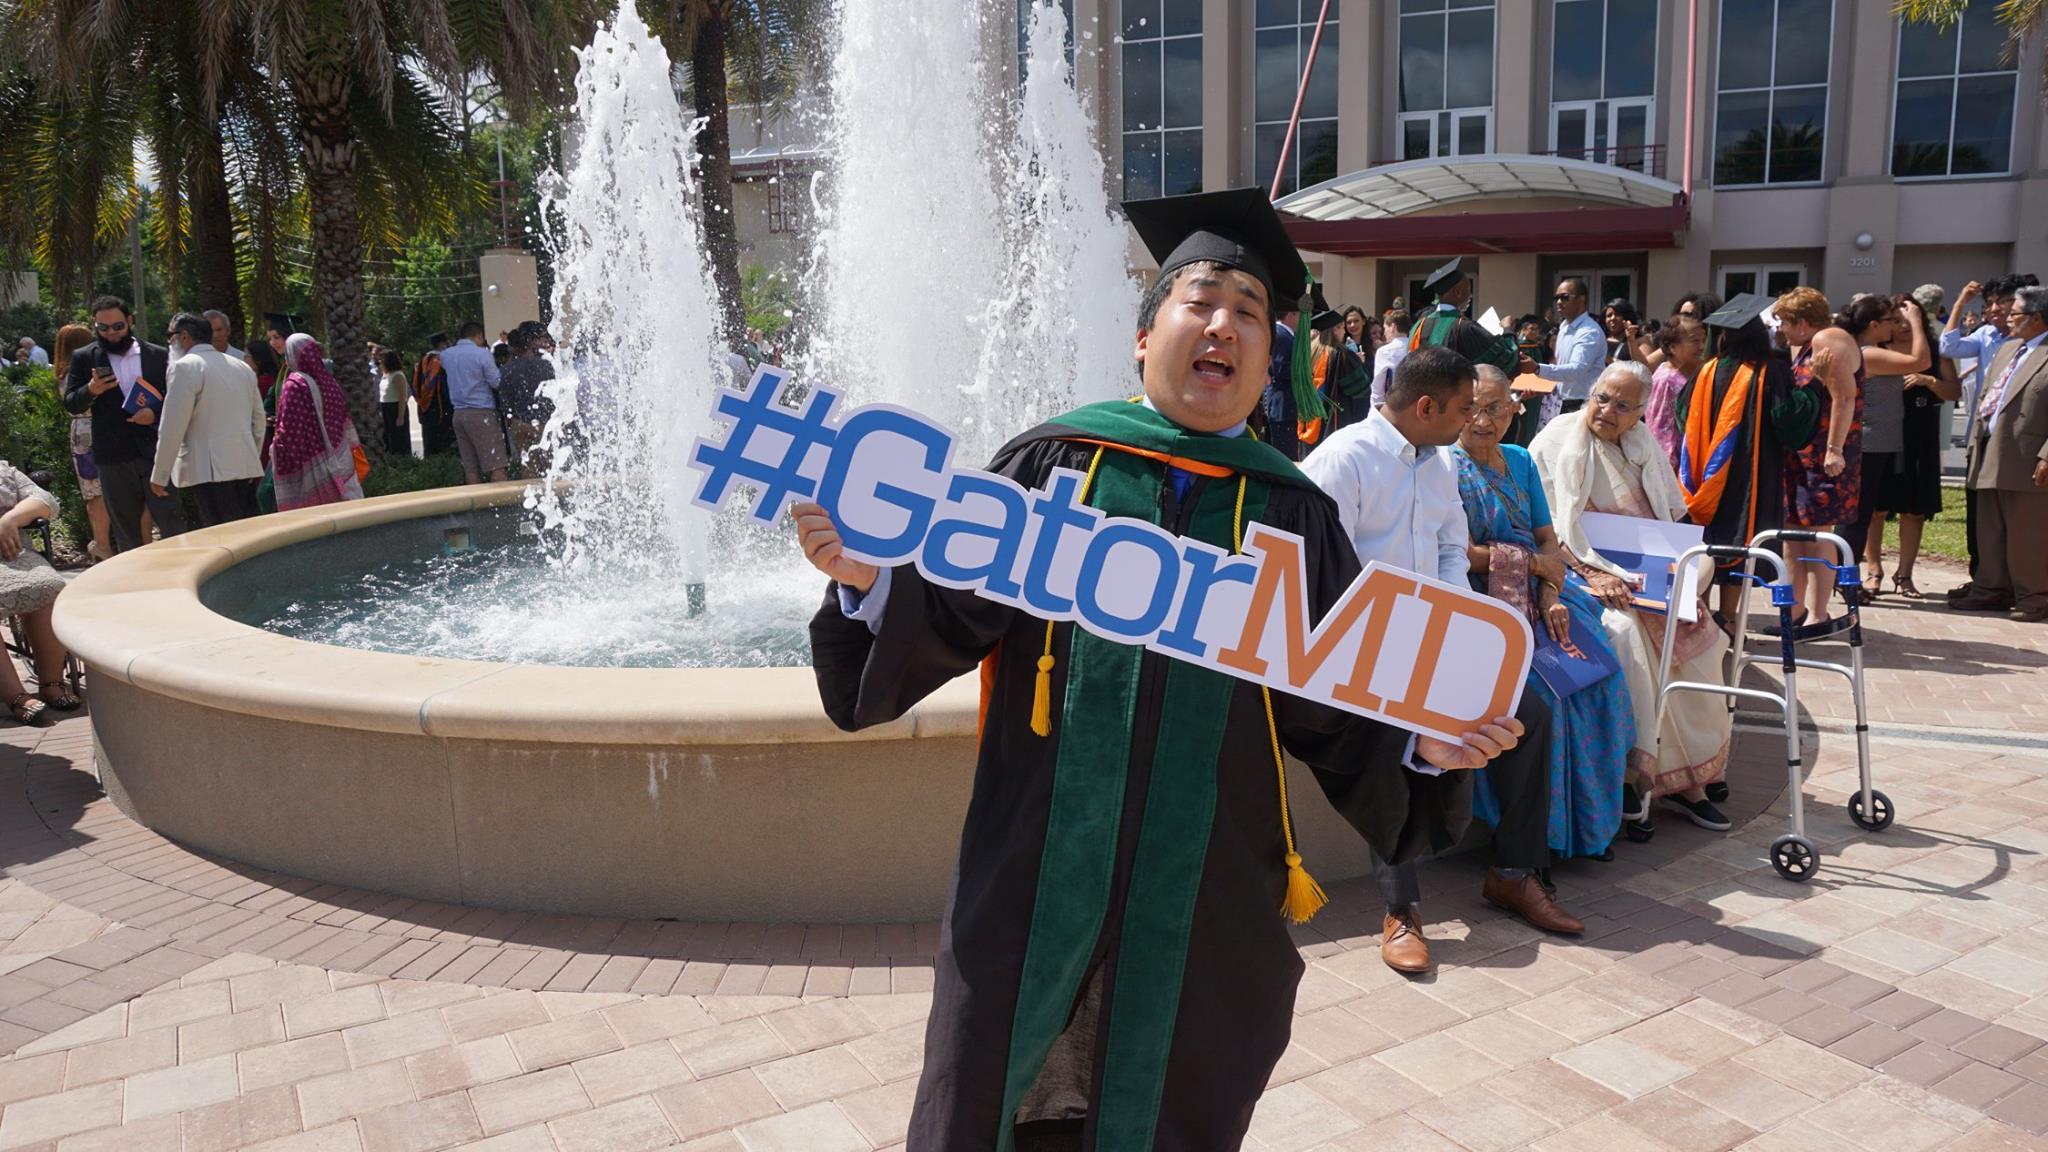 Graduation Day - May 28, 2016